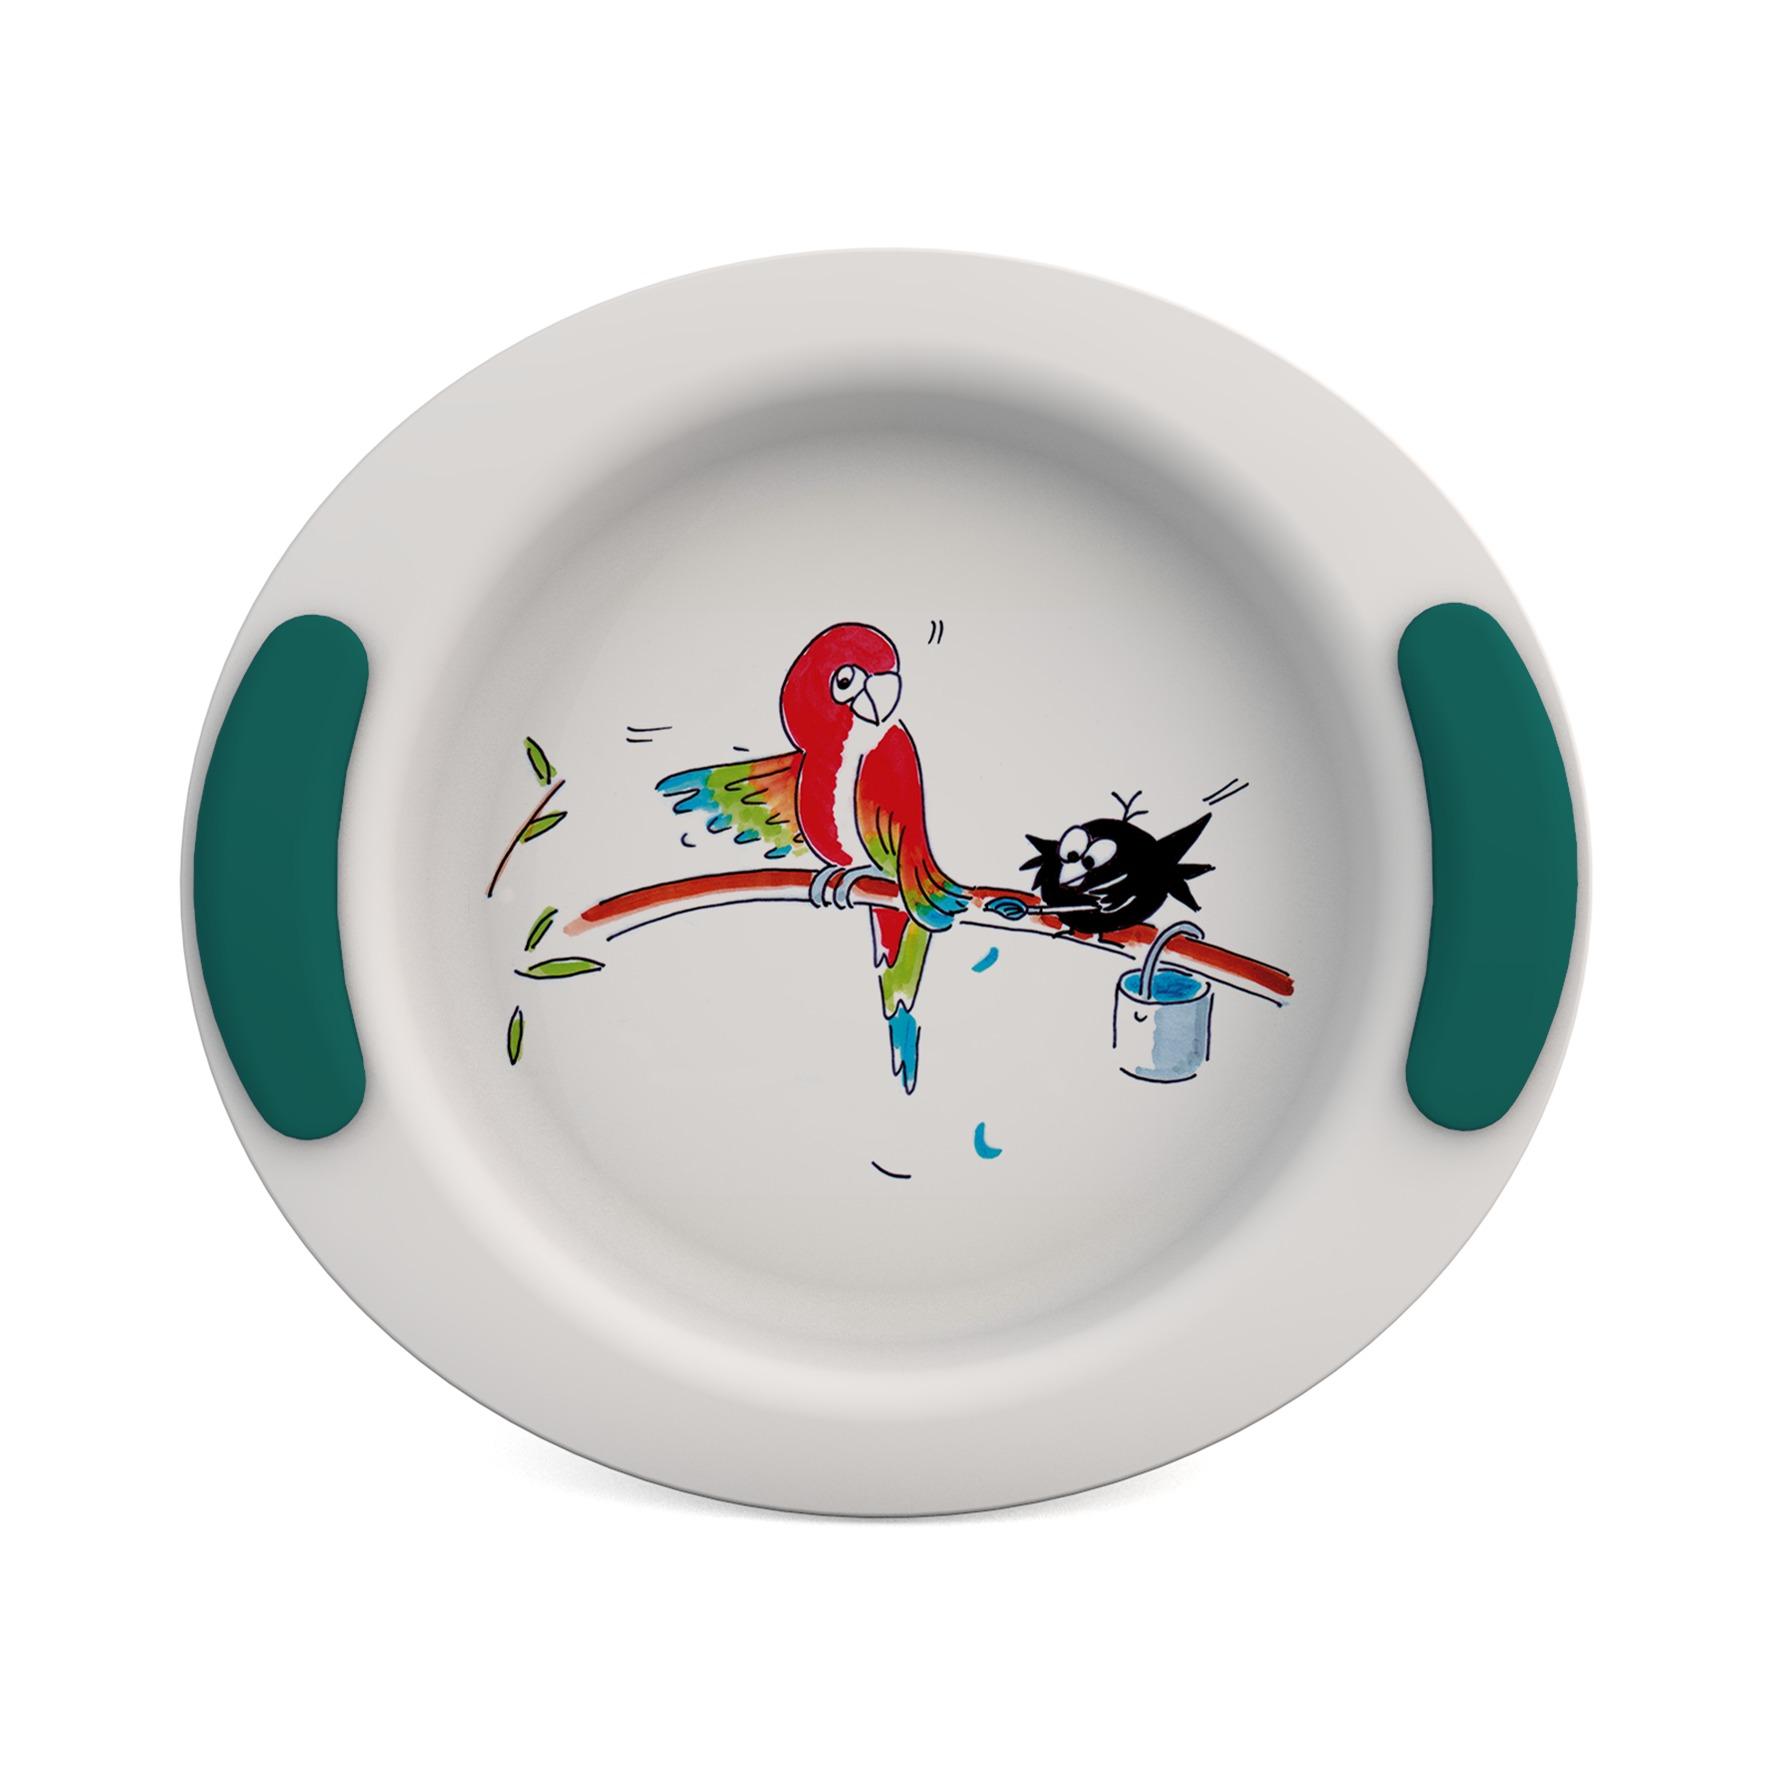 Non-Slip handle grips for children's tableware